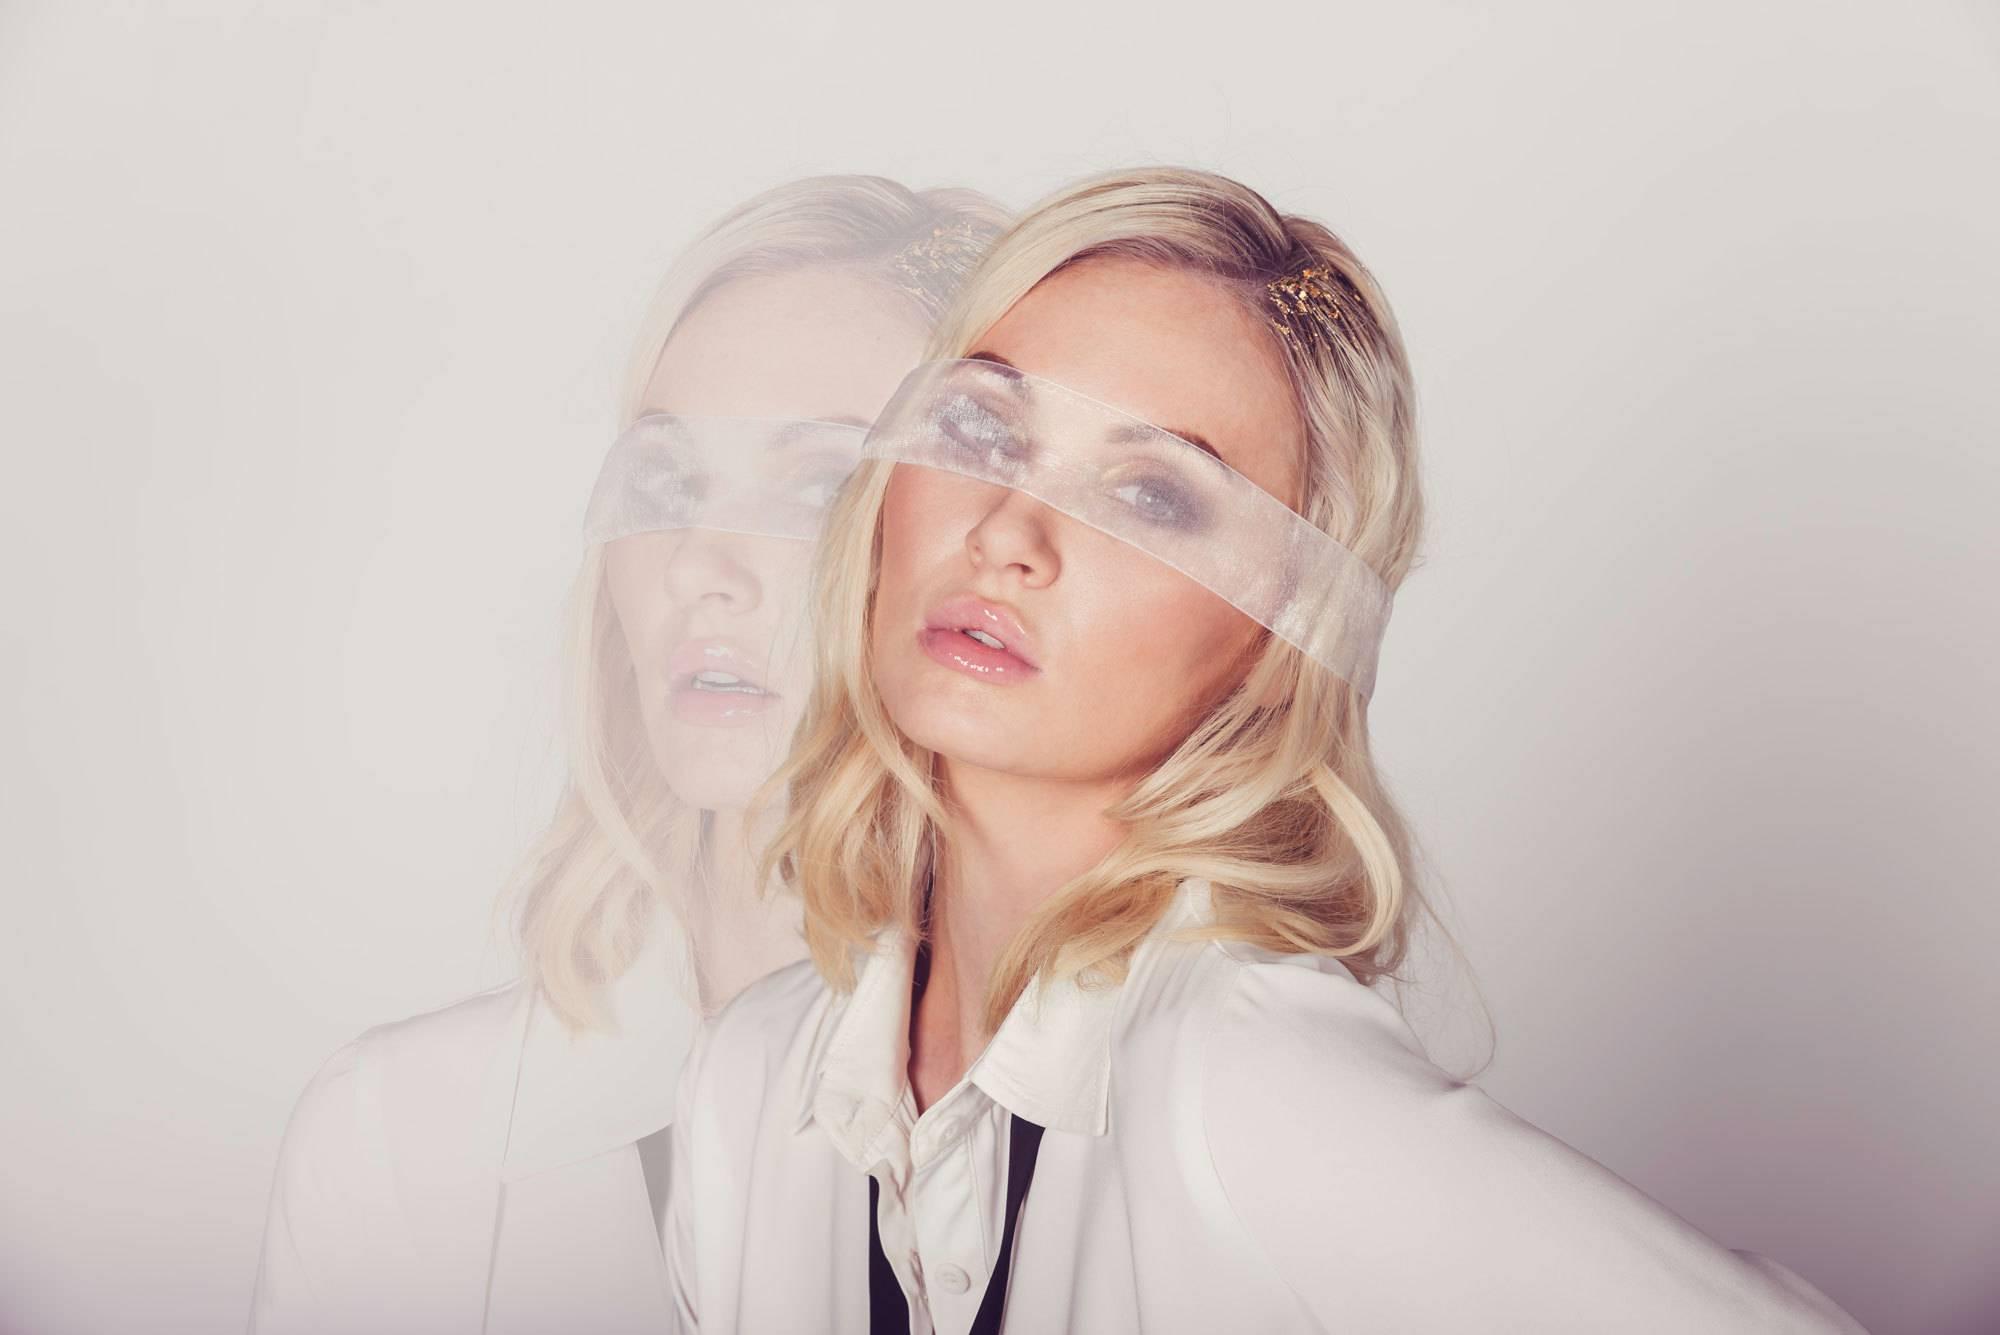 Причины появления пелены перед глазами: симптомы помутнения и лечение расплывчатого взгляда